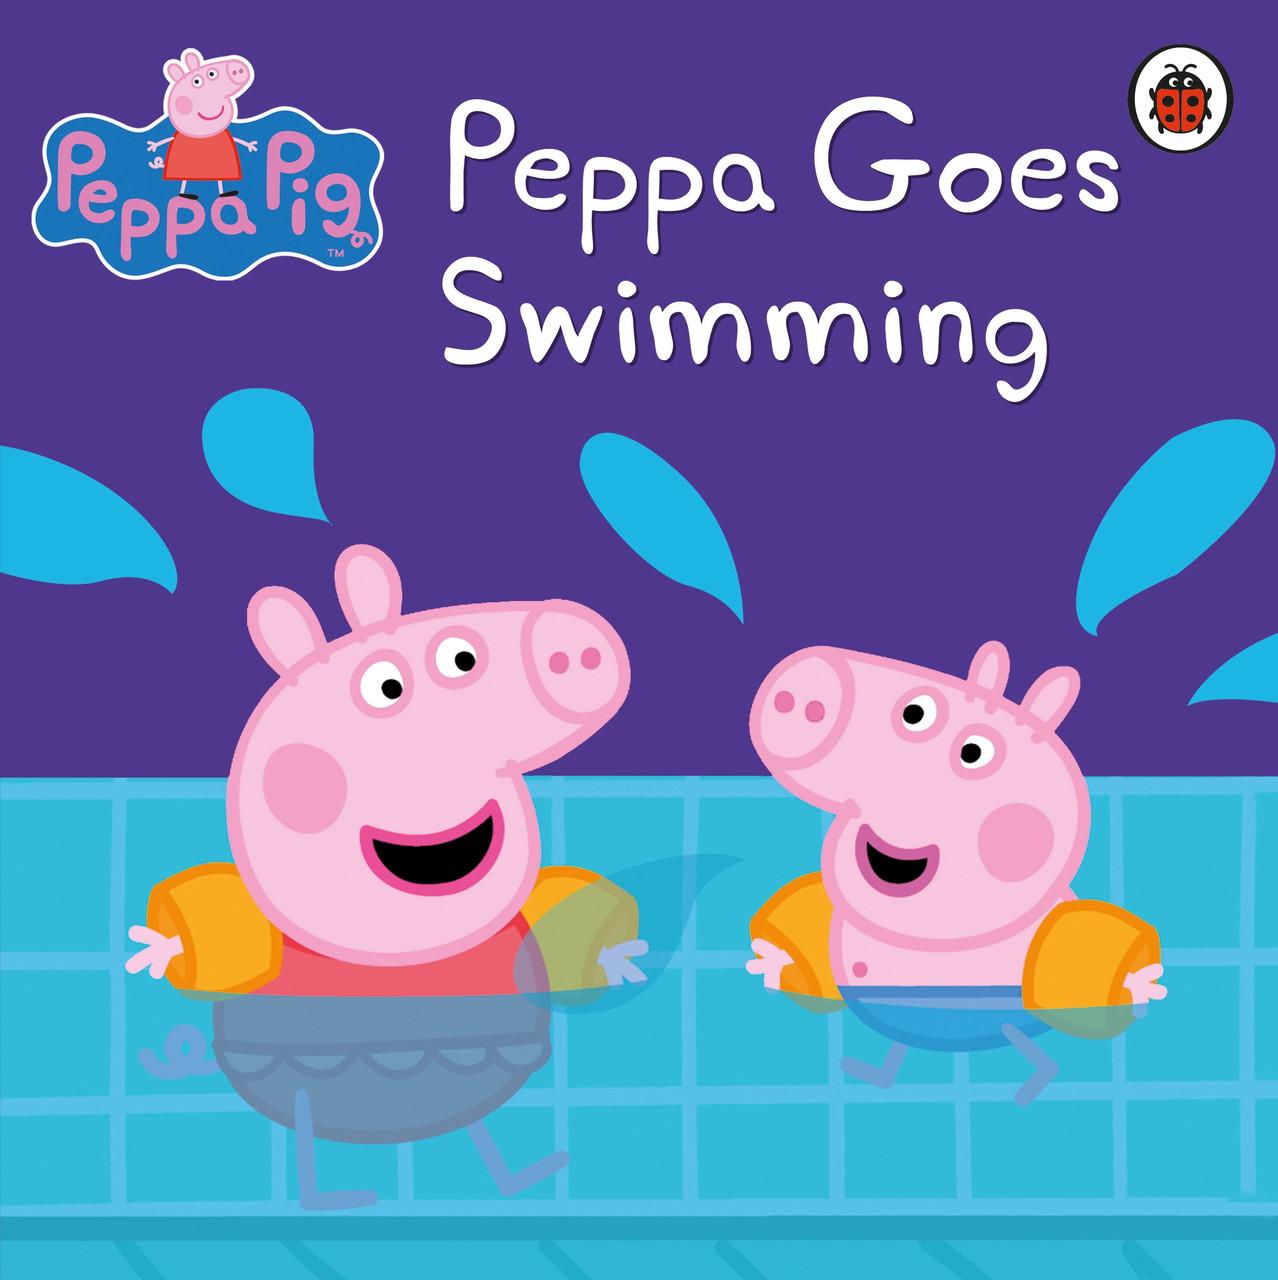 Peppa Pig. Peppa Goes Swimming